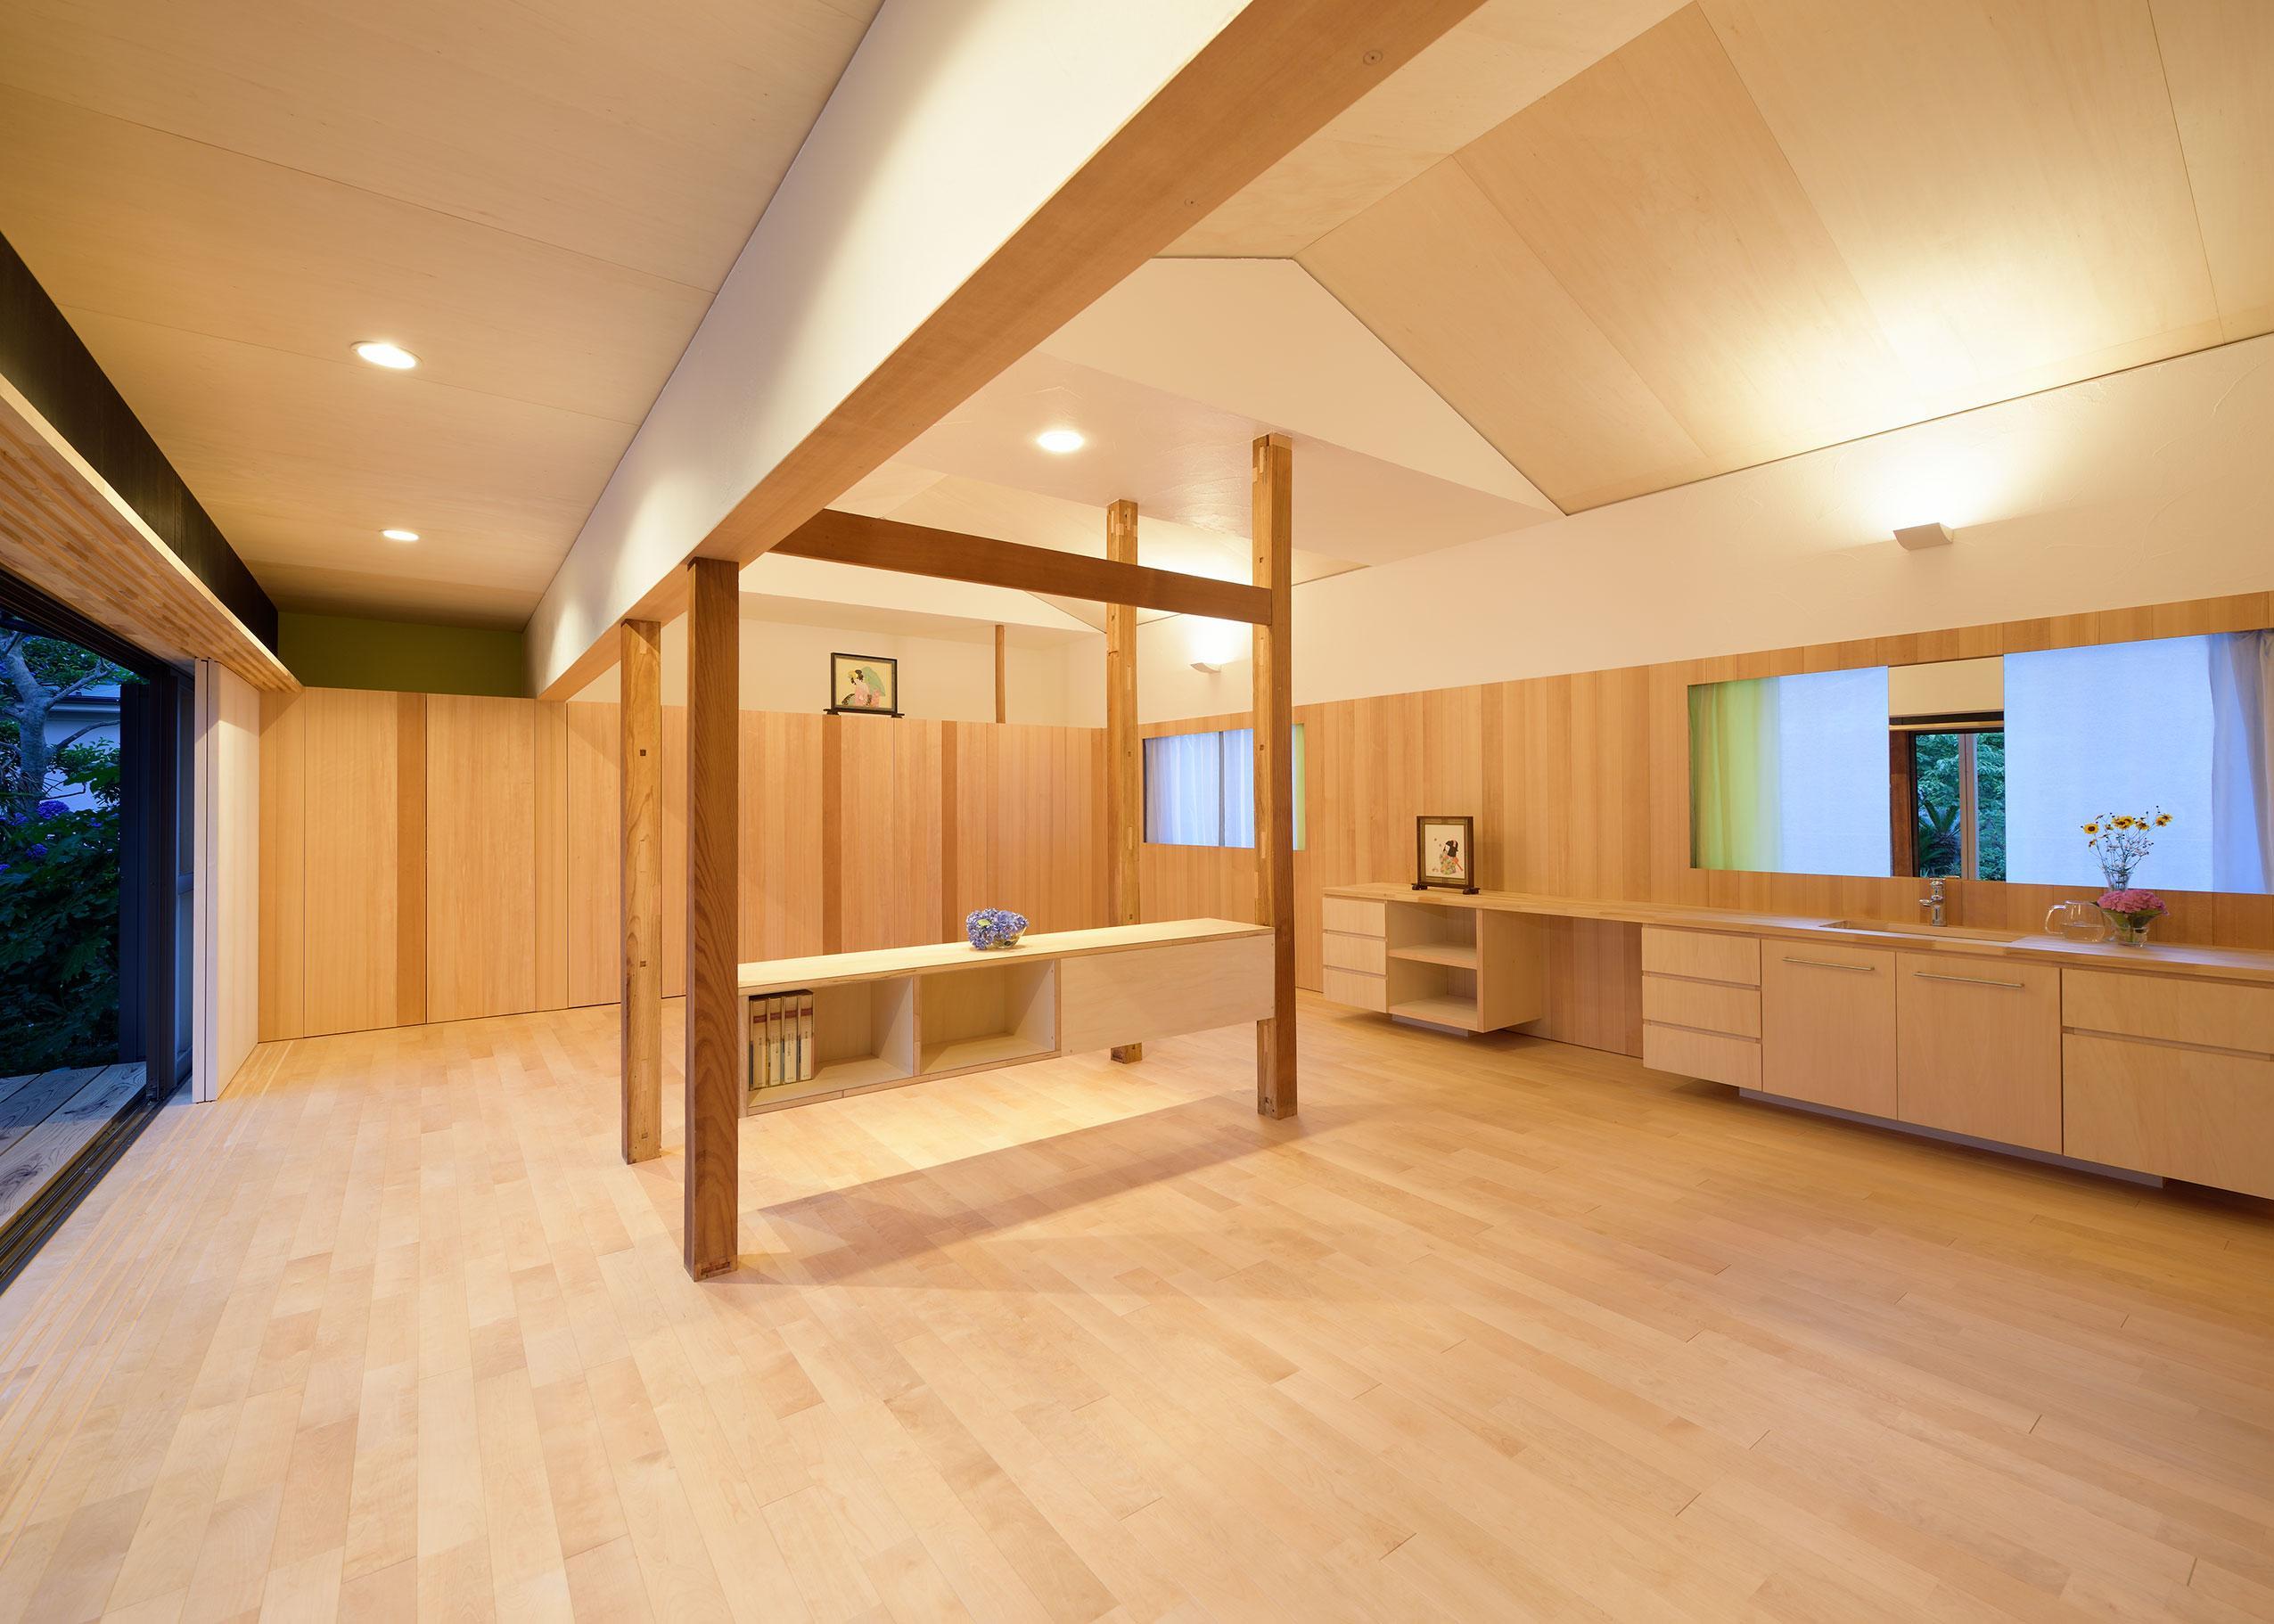 稲美町の離れ DETACHED ROOM in Inamiの部屋 開放的なリビング2